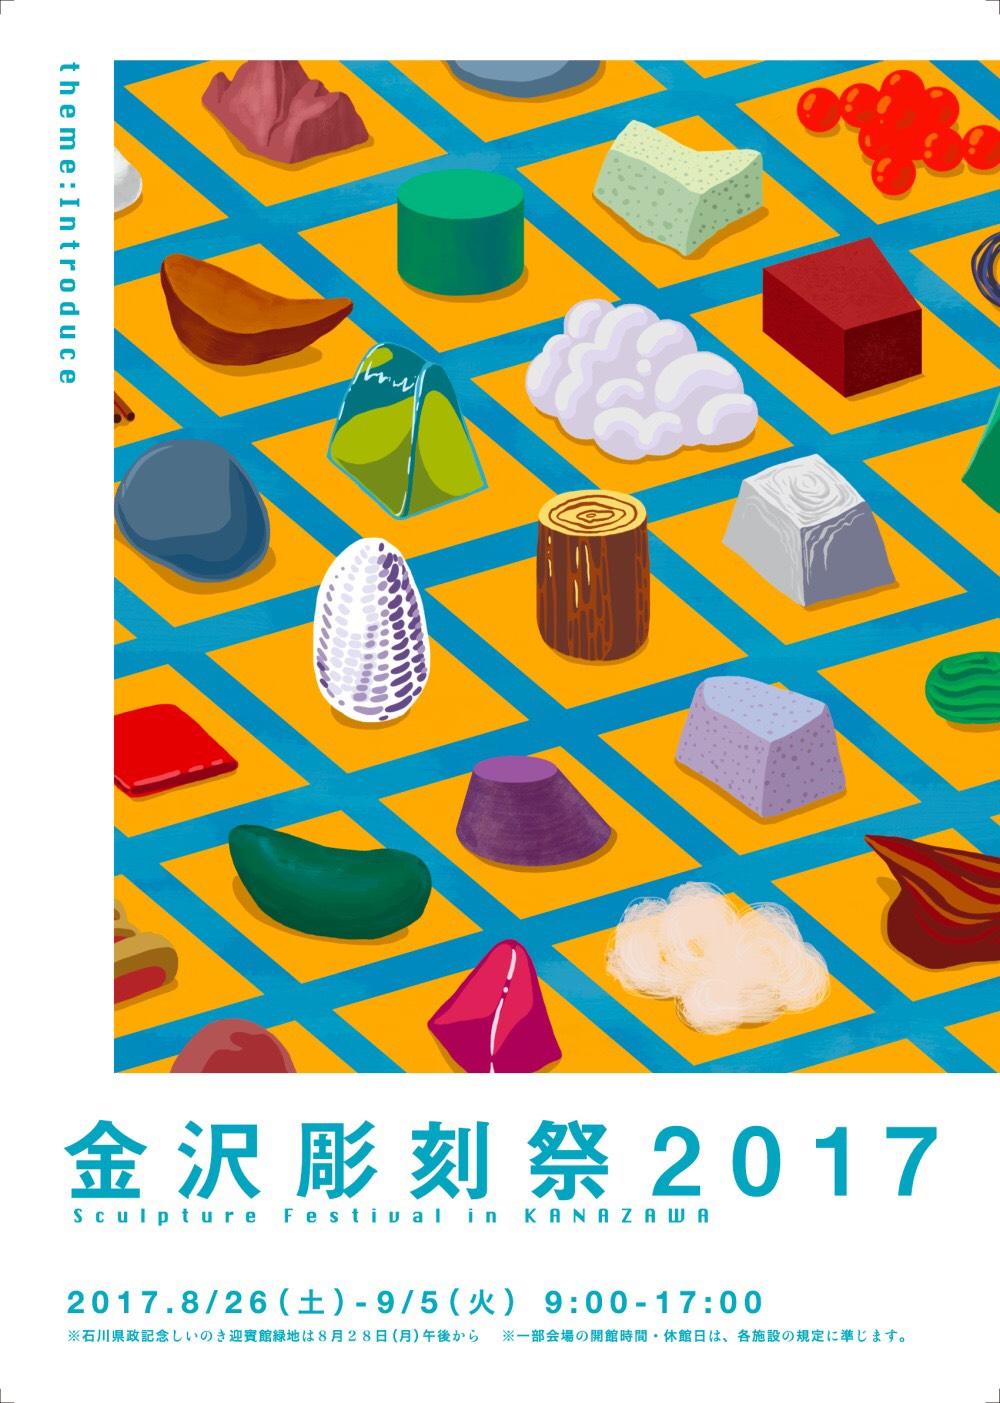 金沢彫刻祭2017